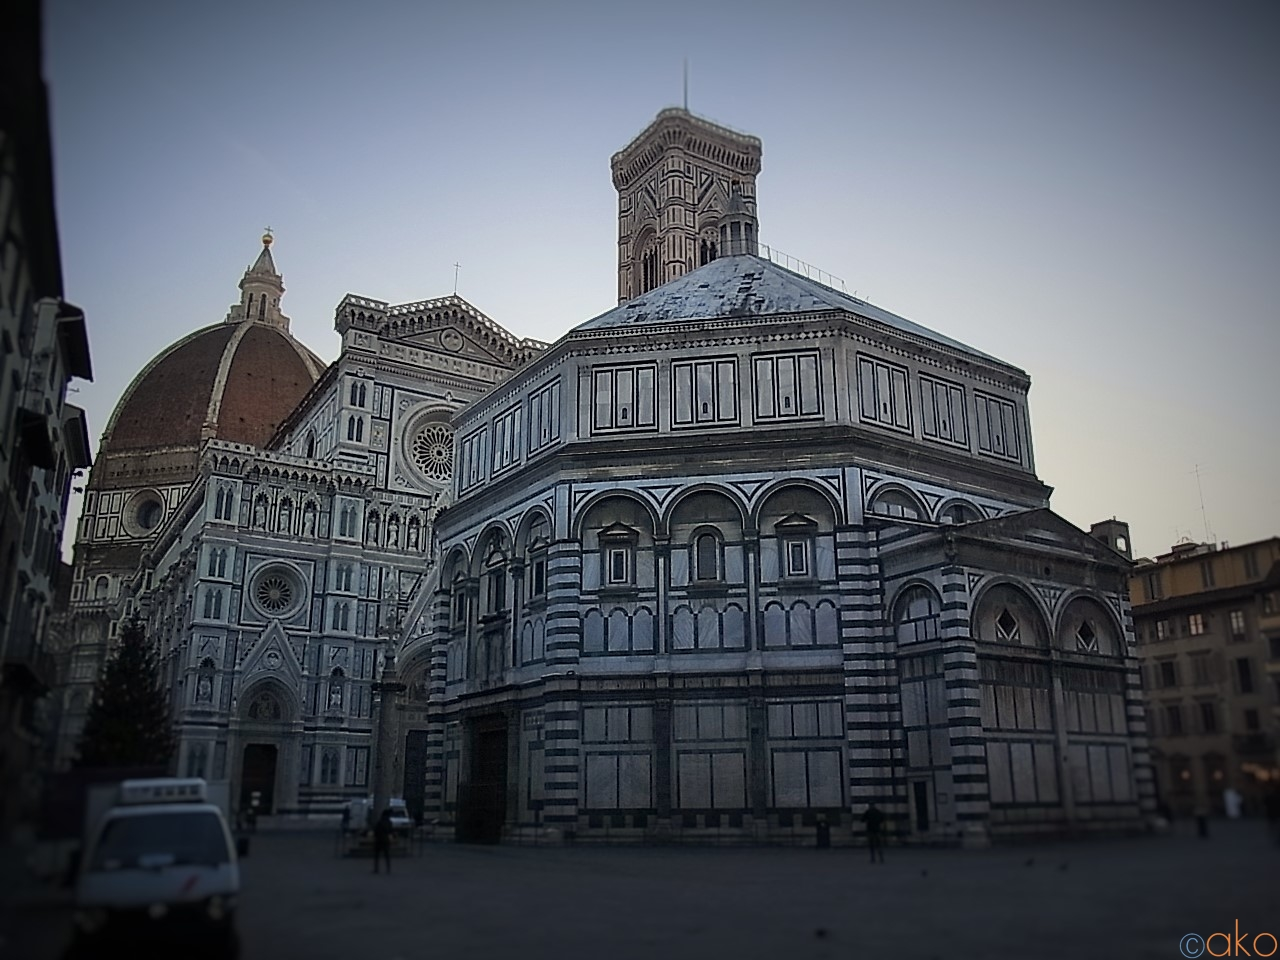 見てびっくり、知って納得、フィレンツェ・サン・ジョヴァンニ洗礼堂  イタリア観光ガイド